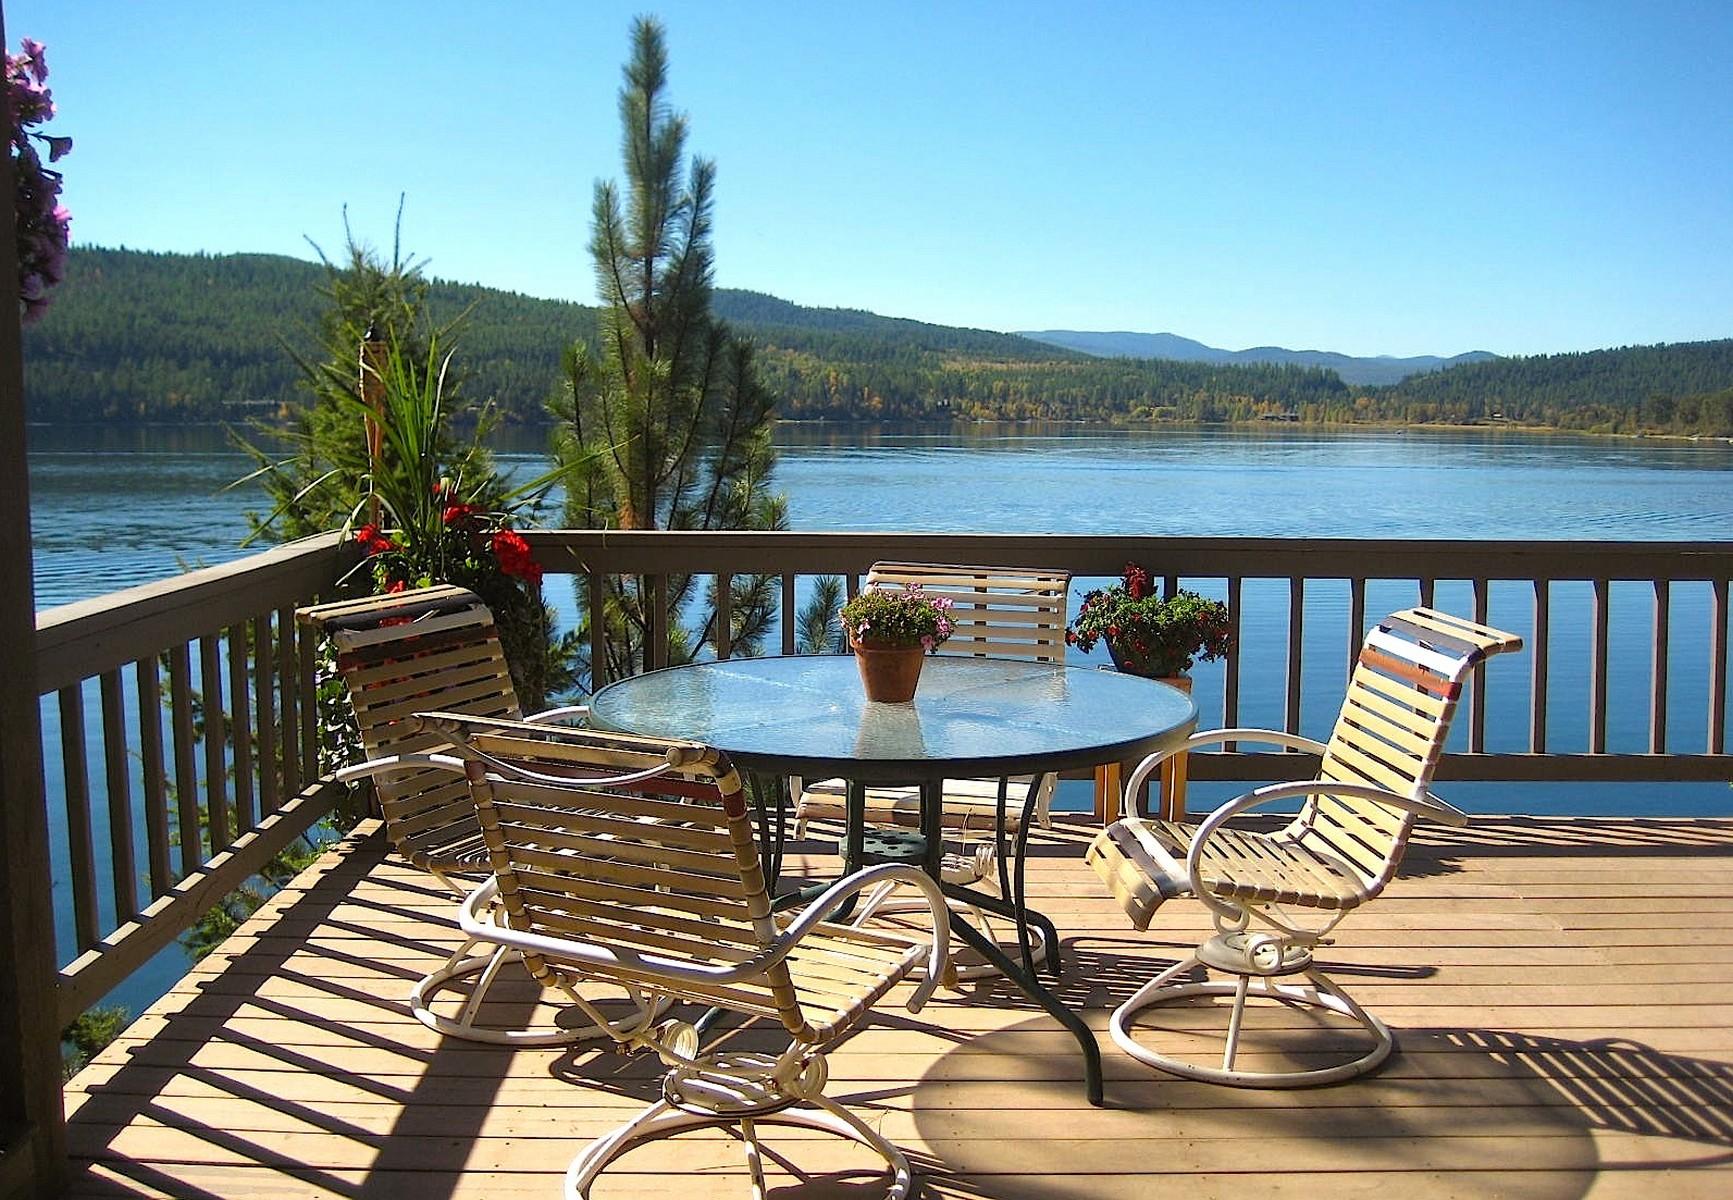 独户住宅 为 销售 在 Whitefish Lake Cabin 77 Better Way 怀特菲什, 蒙大拿州, 59937 美国